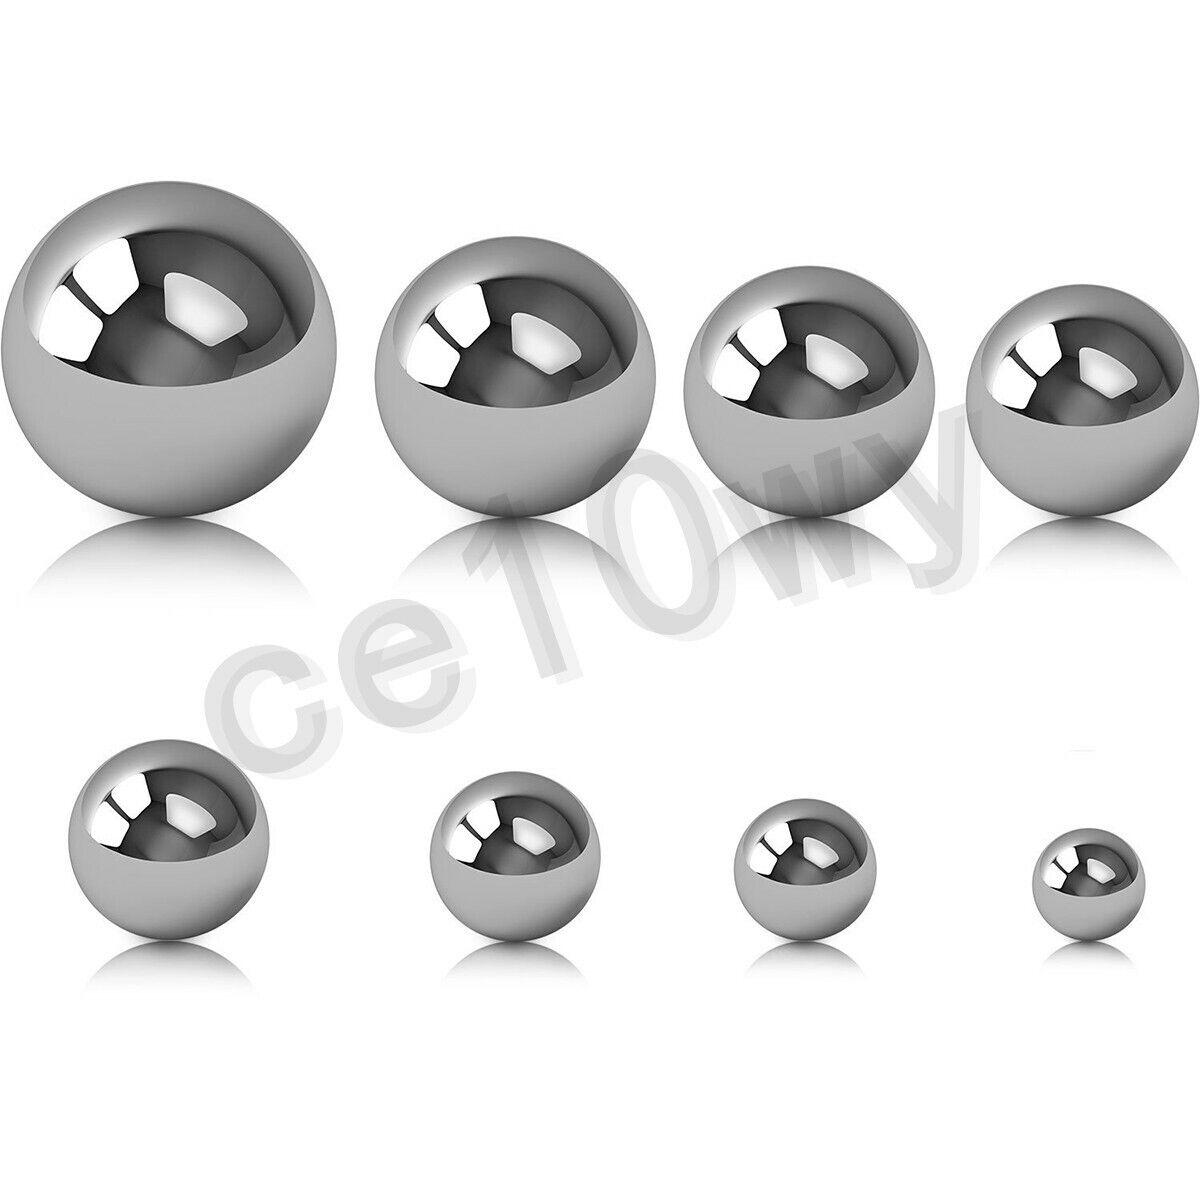 500g 2-10mm 304 Stainless Steel Ball Catapult Slingshot Ammo Steel Ball Bearing